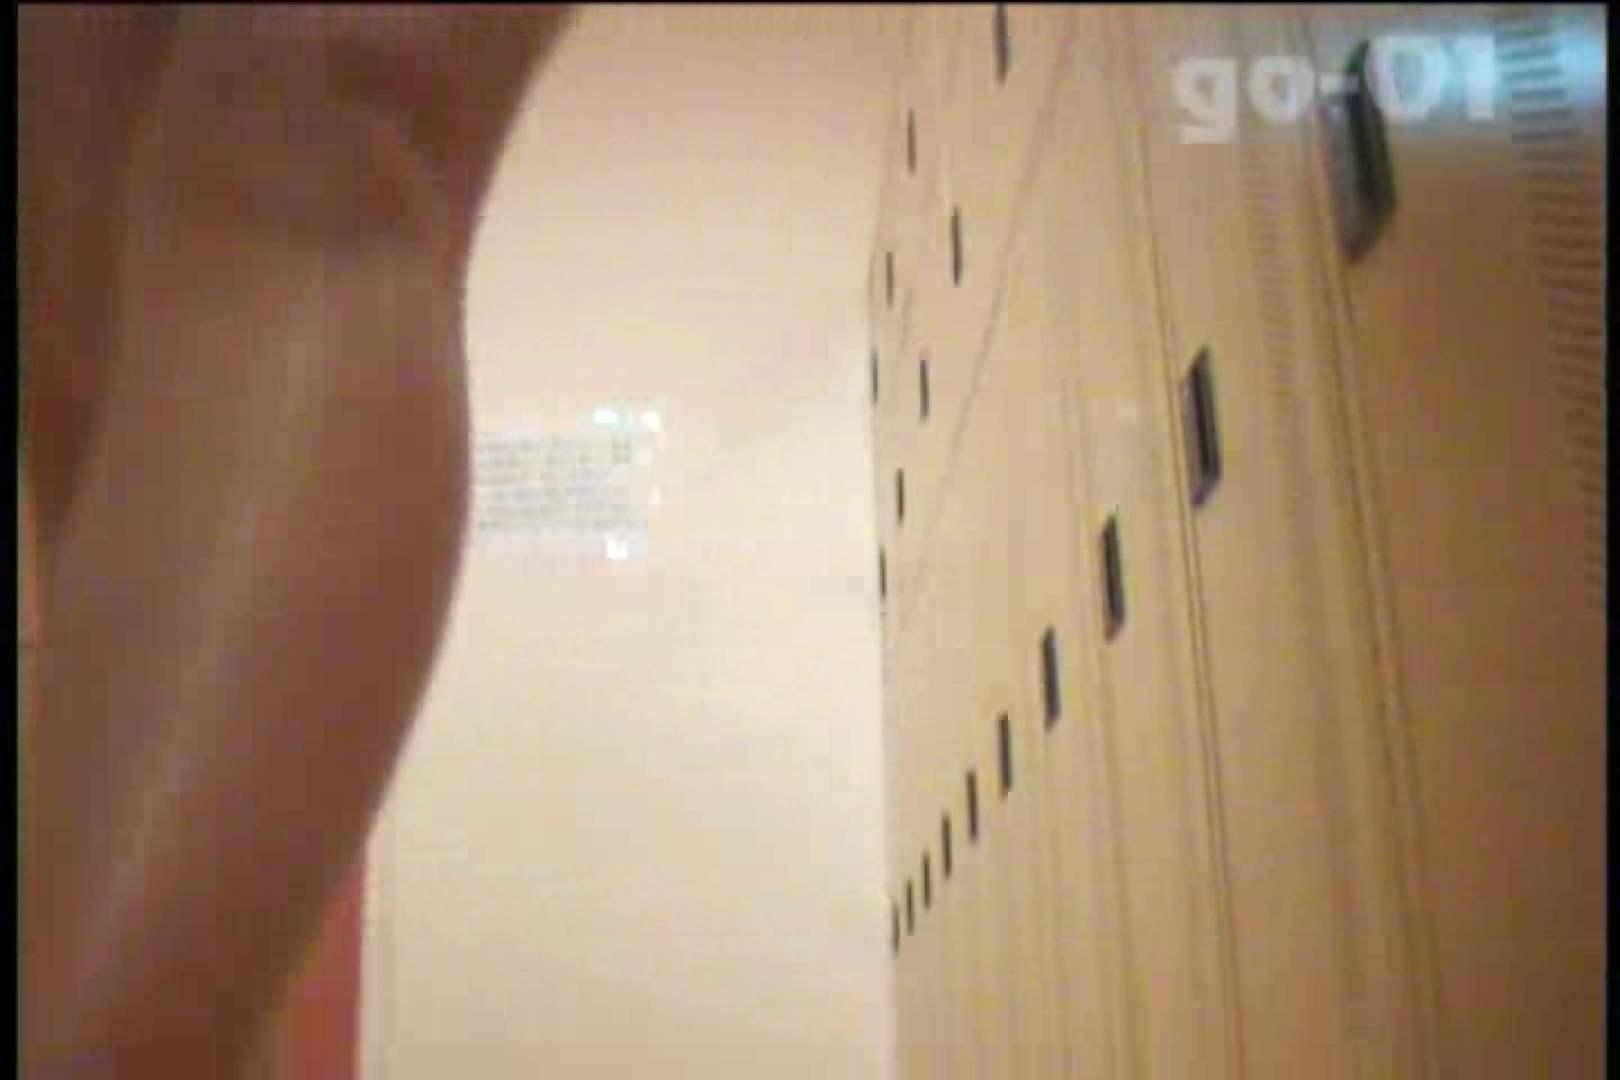 電波カメラ設置浴場からの防HAN映像 Vol.01 盗撮 | チラ  85pic 28